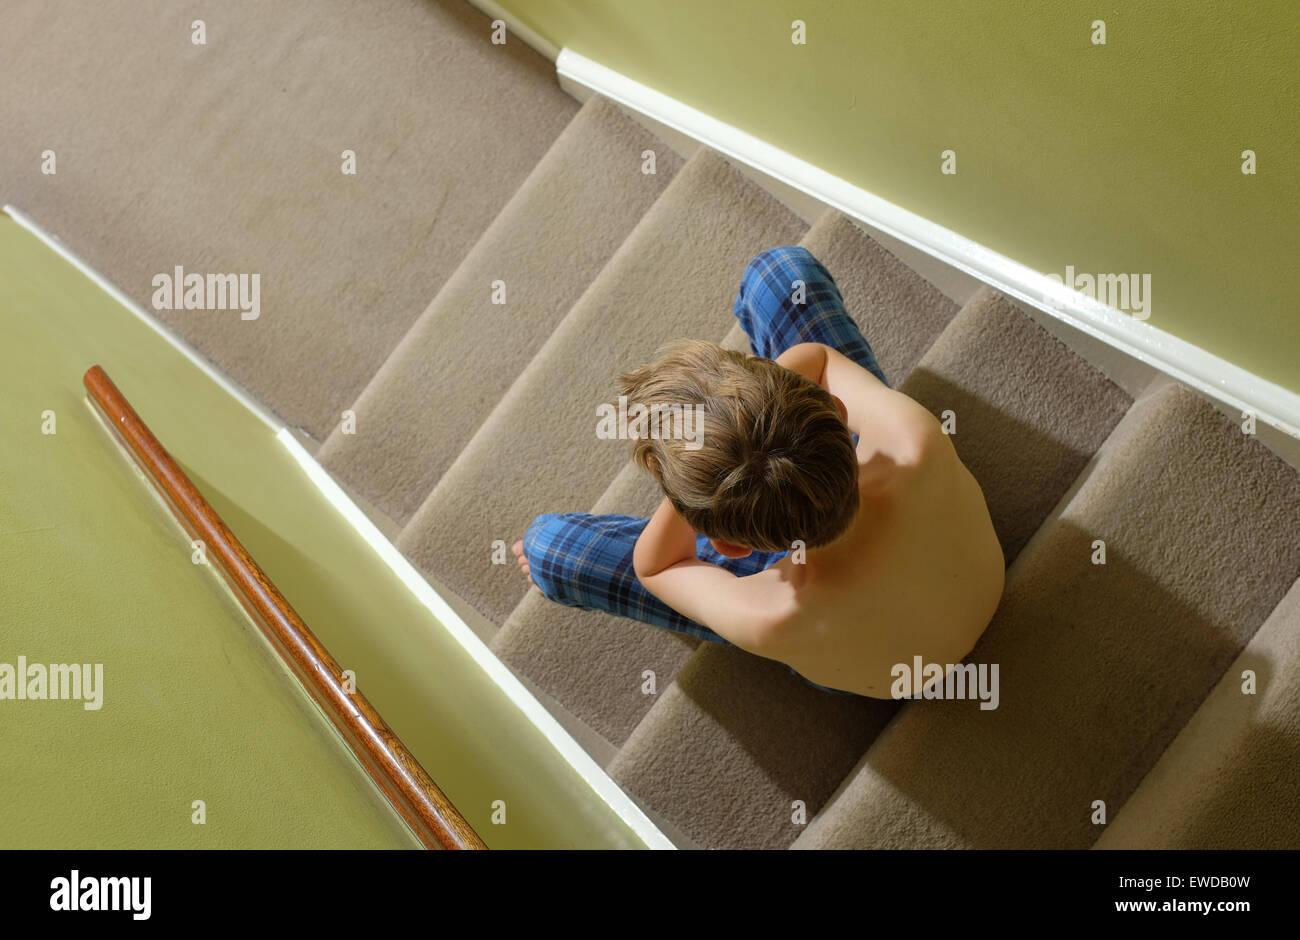 Uma criança sentada na escada com a sua cabeça em suas mãos procurando perturbar Imagens de Stock